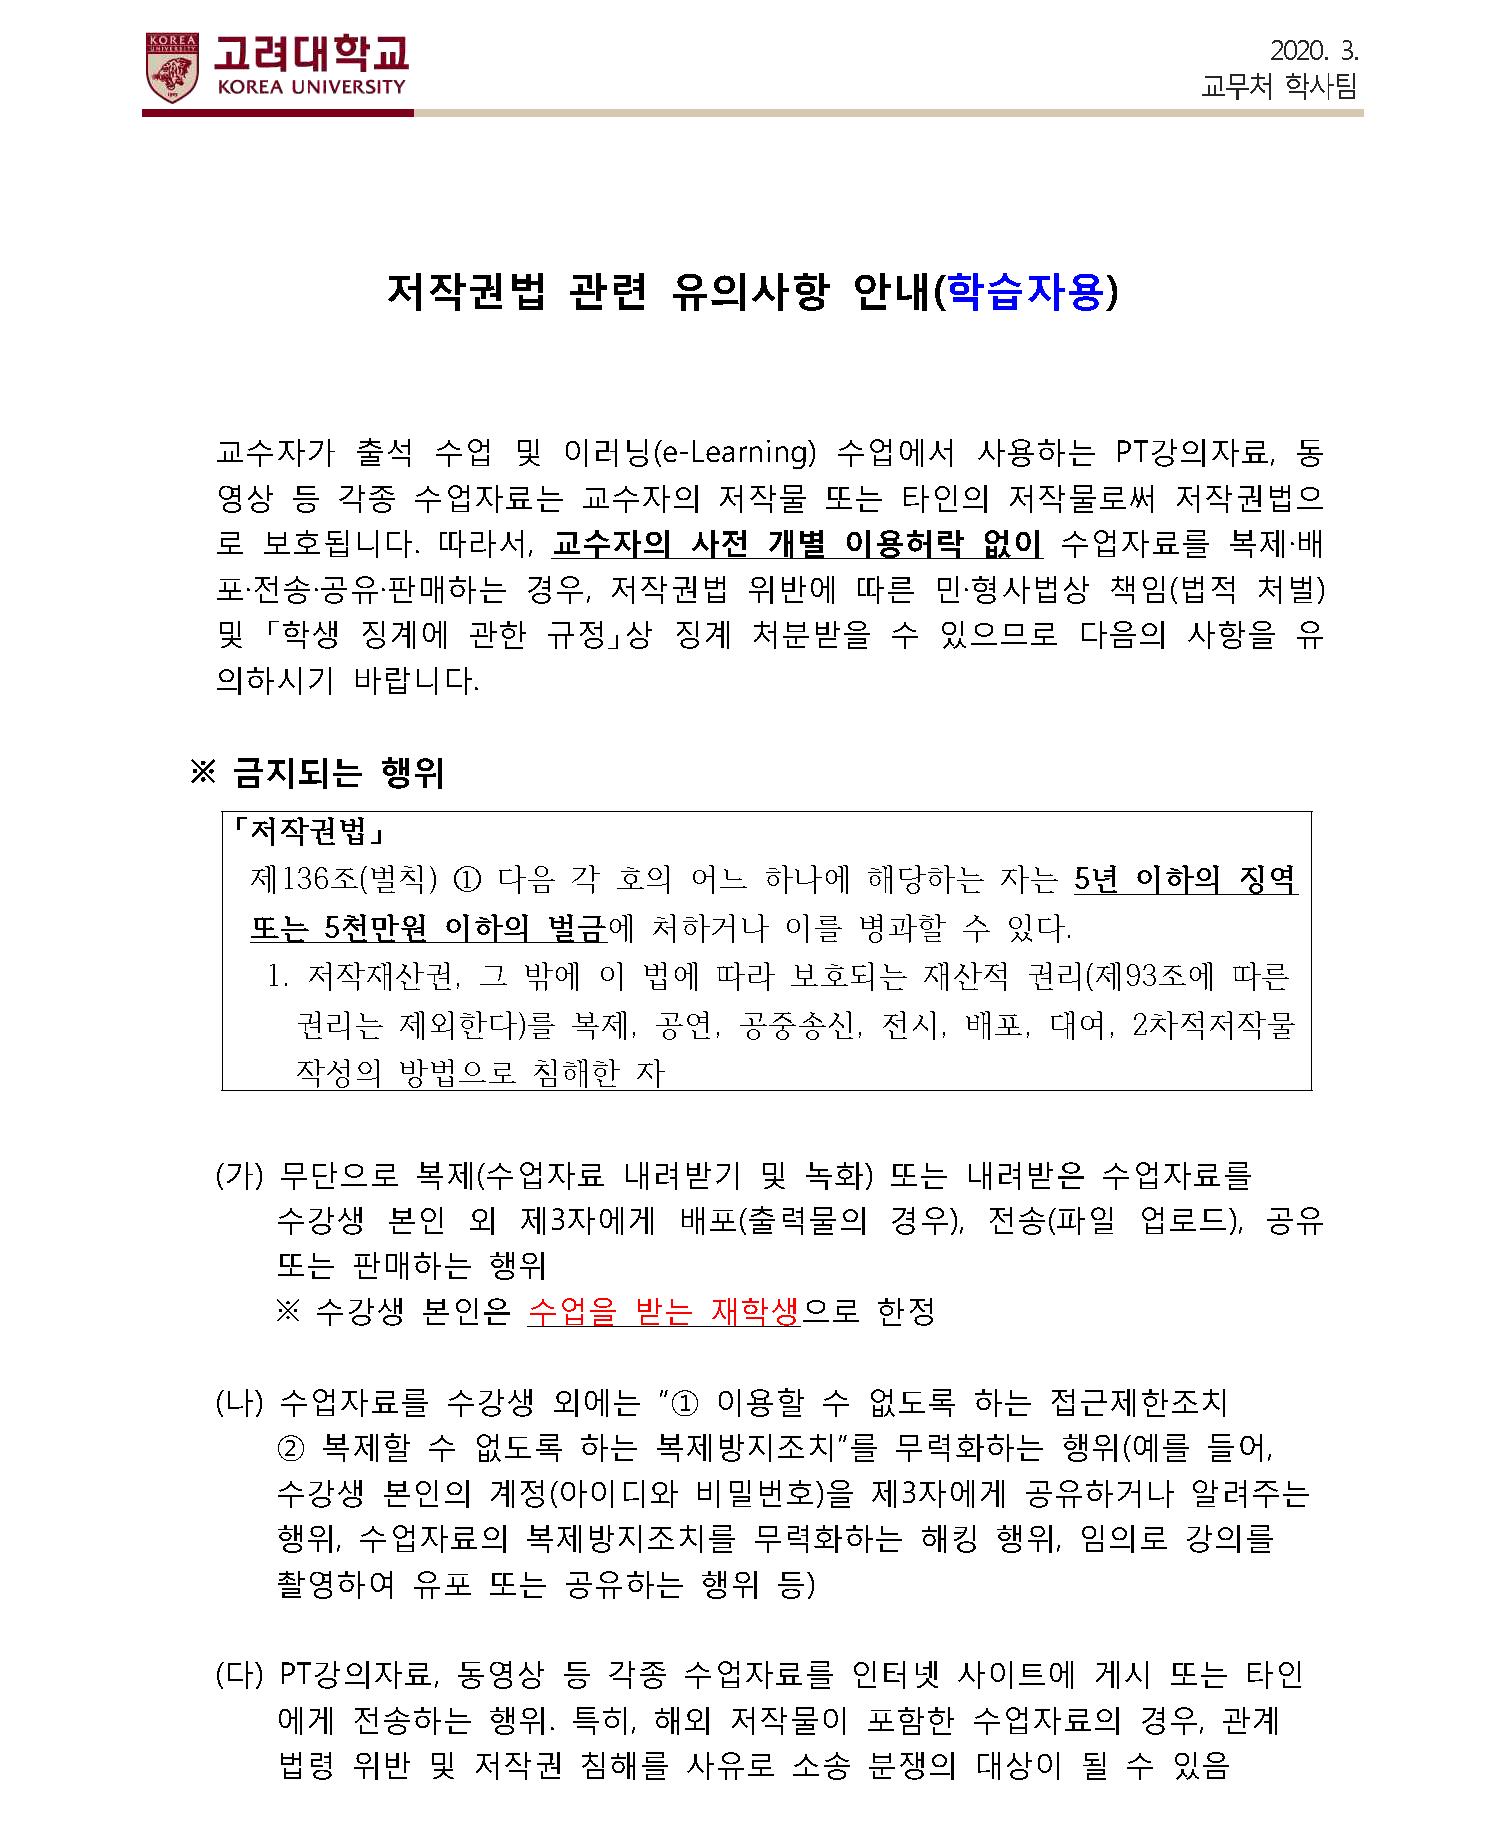 저작권법 관련 유의사항 안내(학습자용)_페이지_1.png